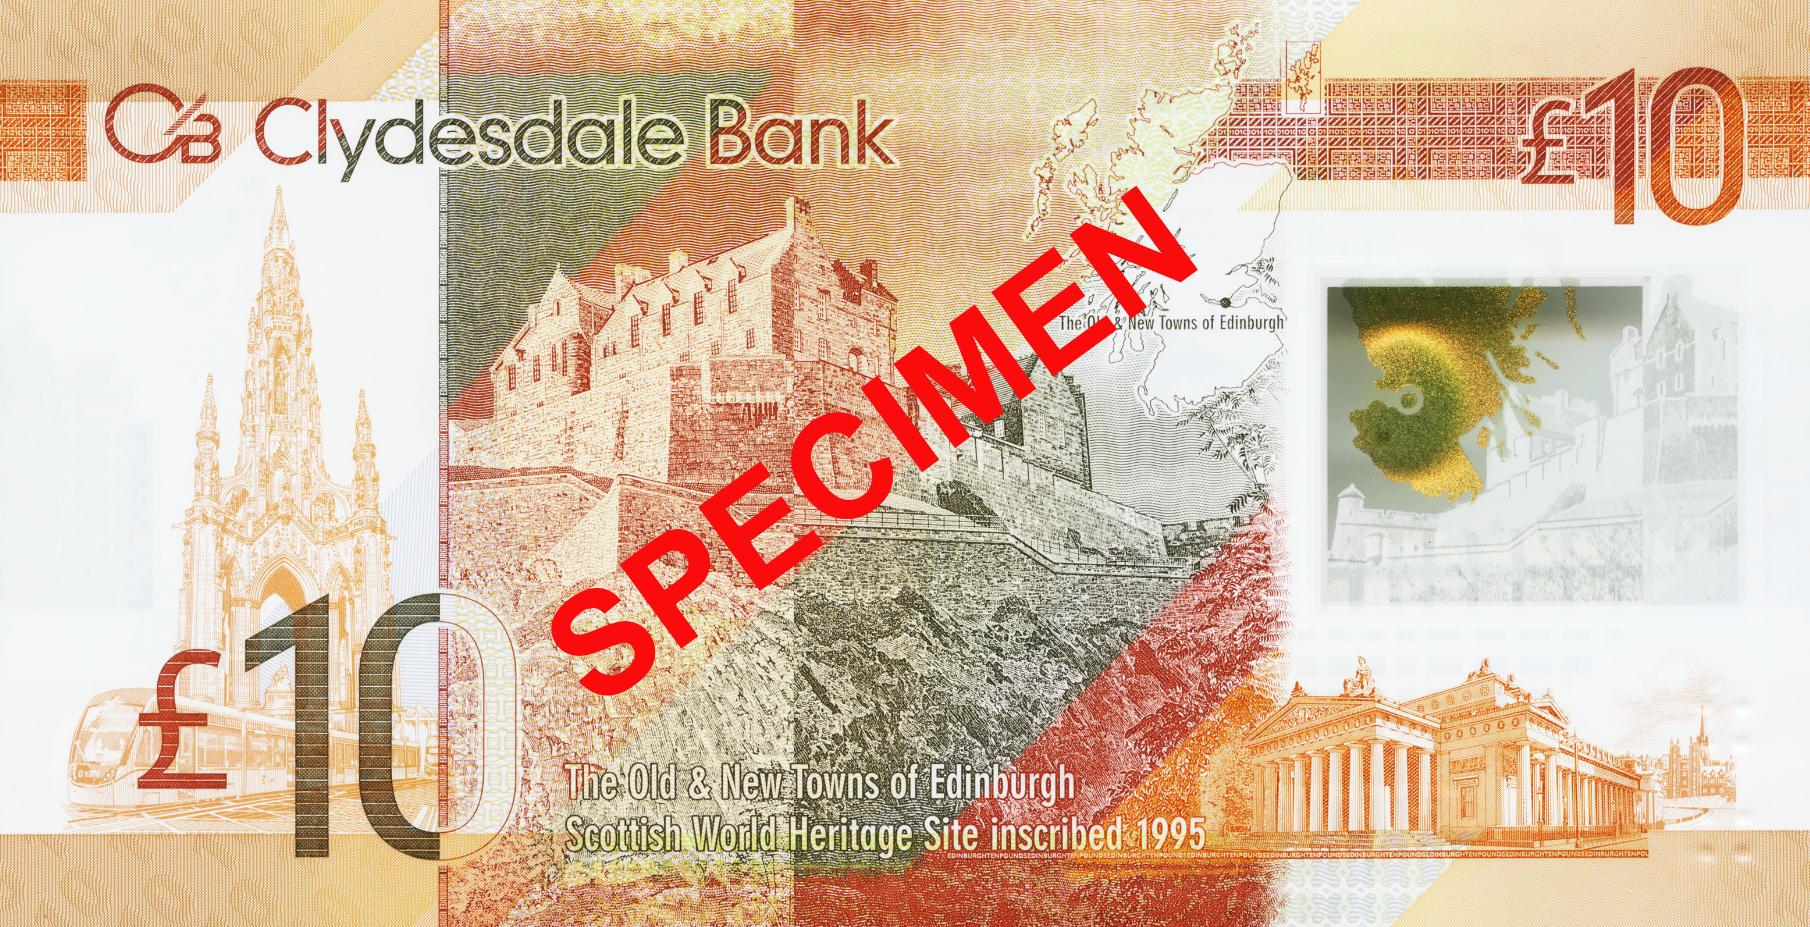 clydesdale banknote back De La Rue.png